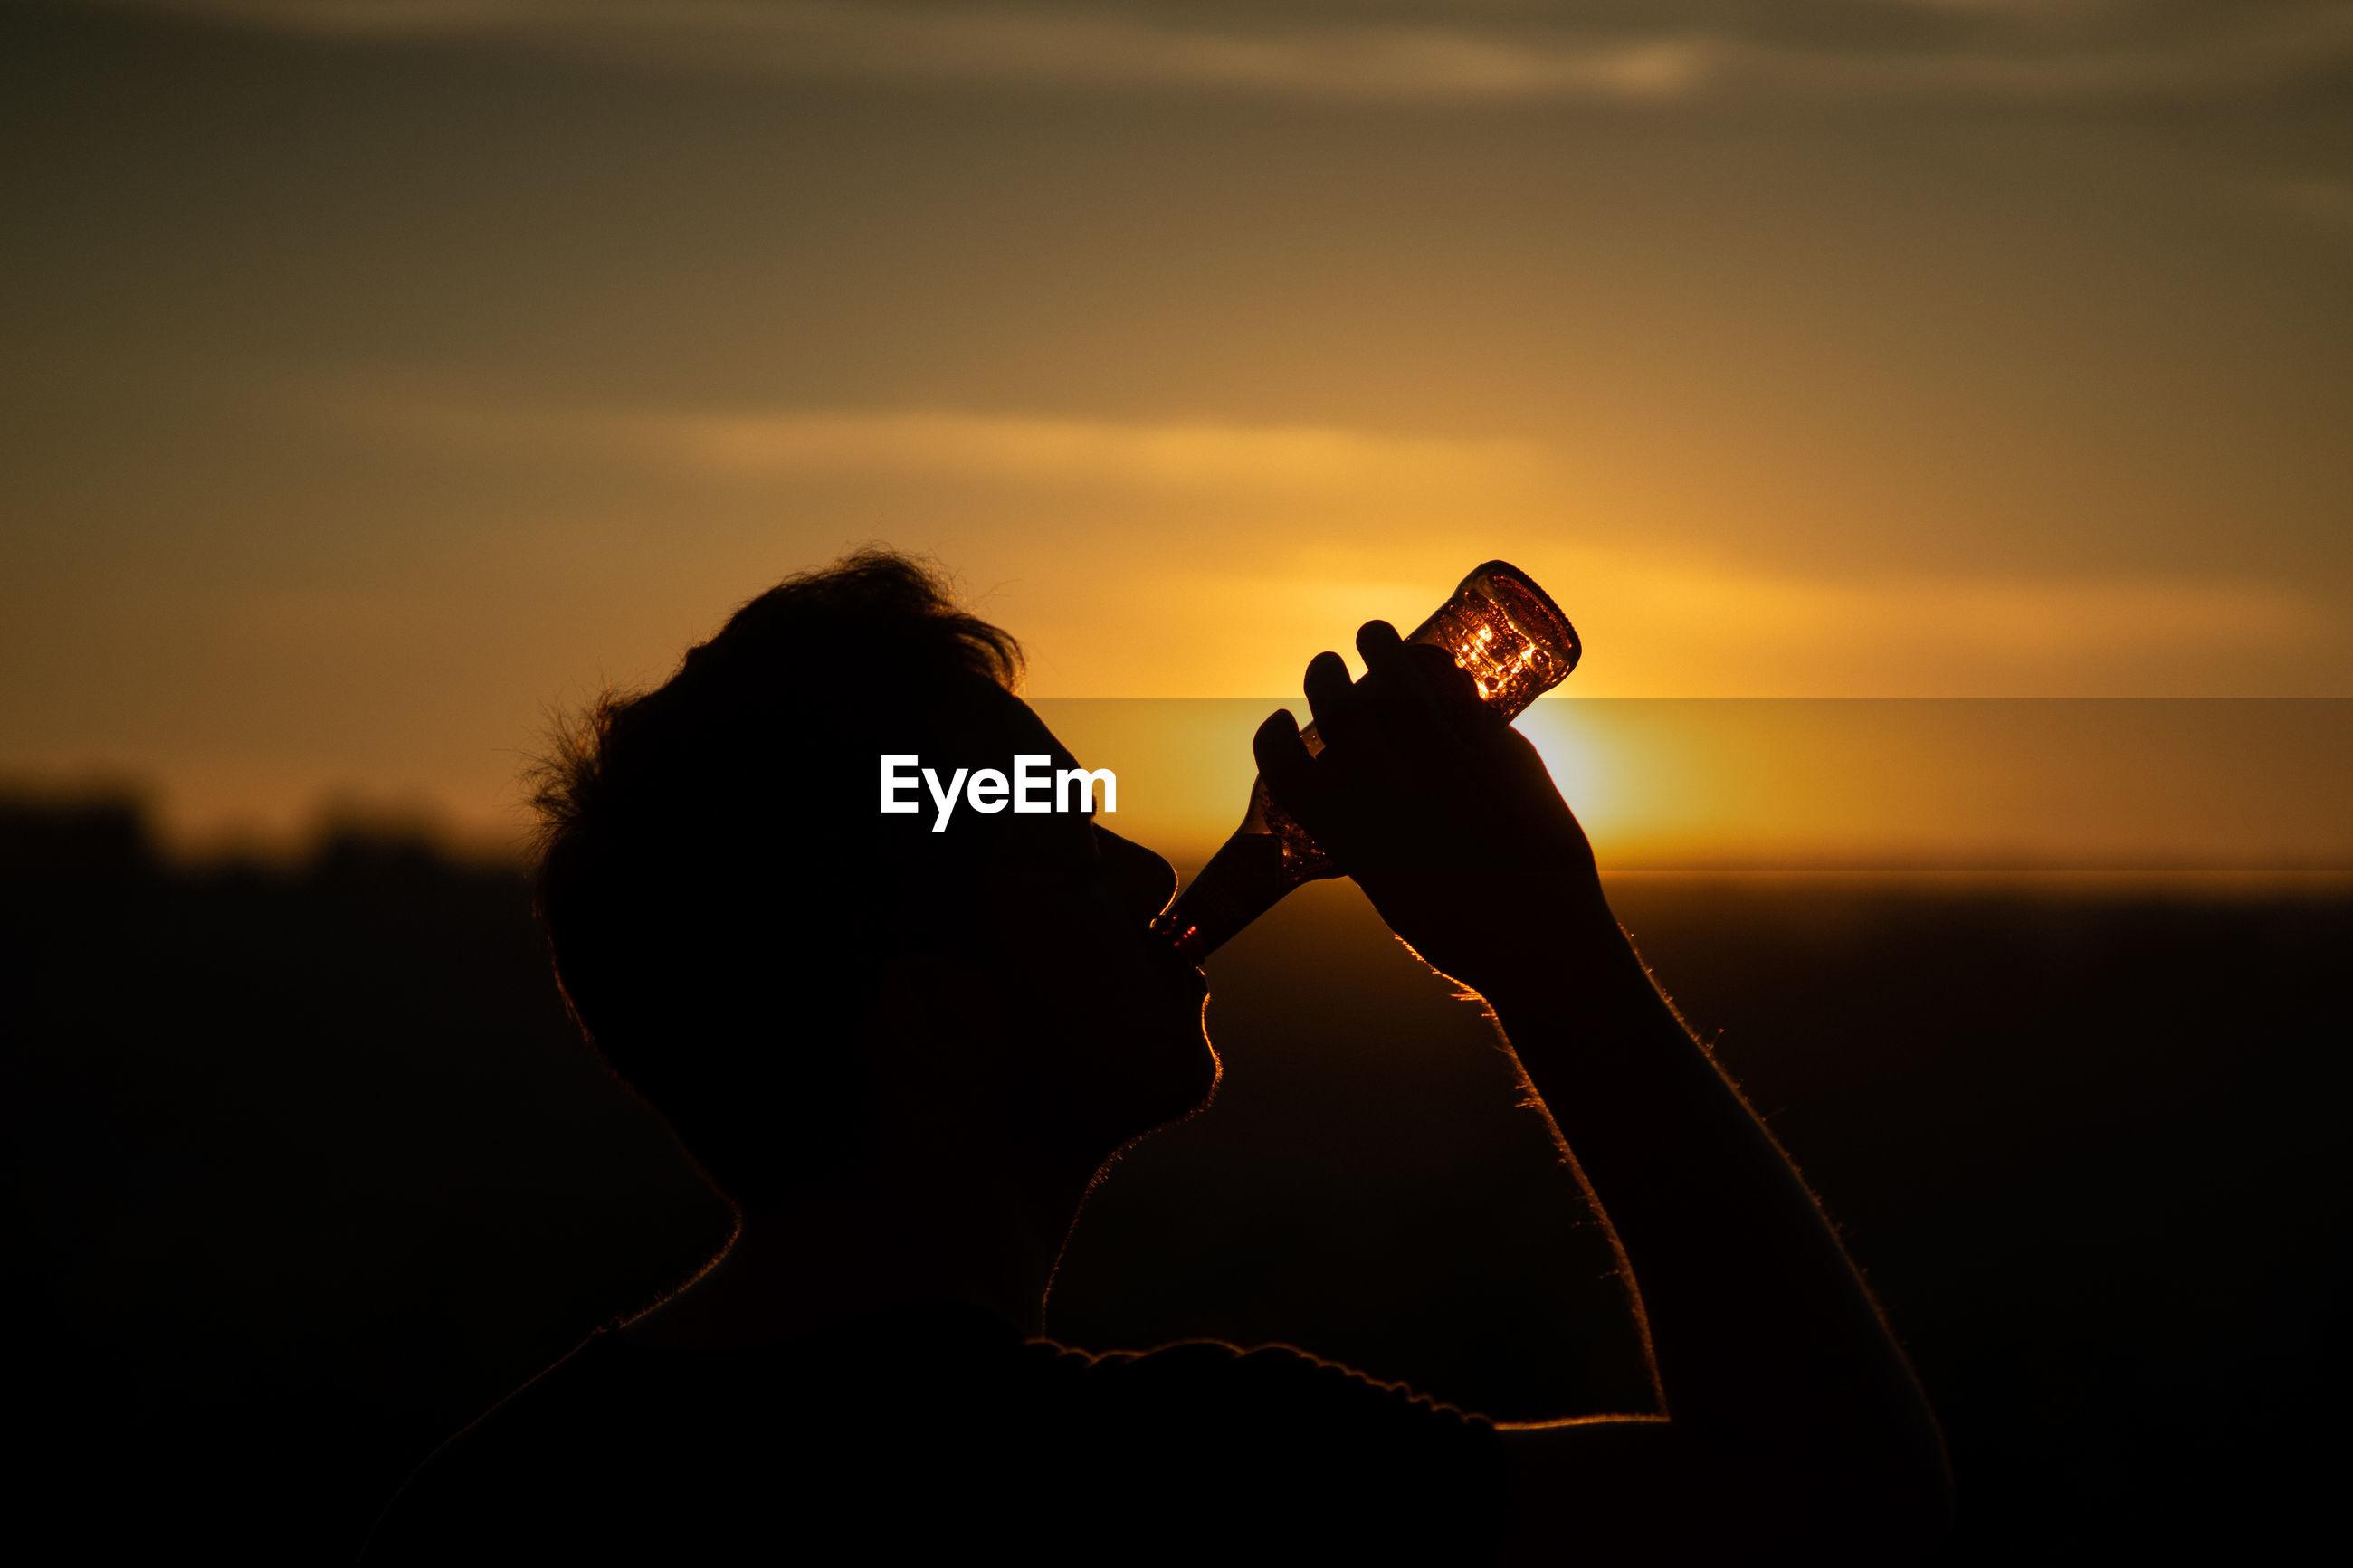 Silhouette man drinking beer against orange sky